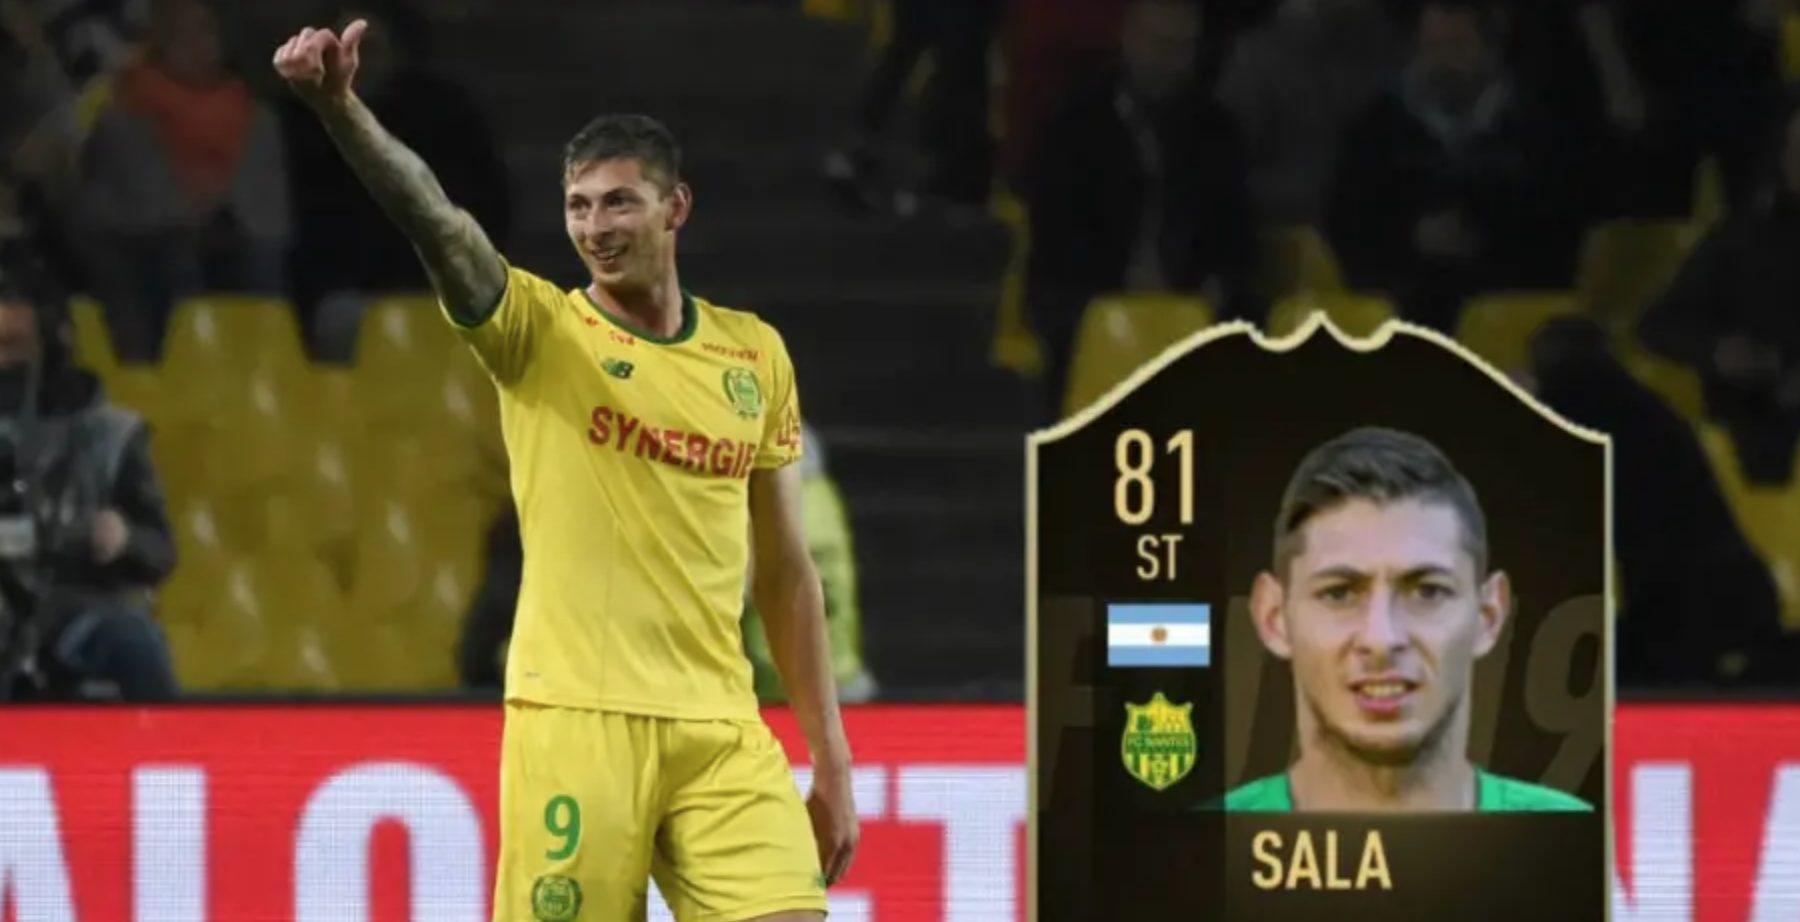 Sala in FIFA 19.